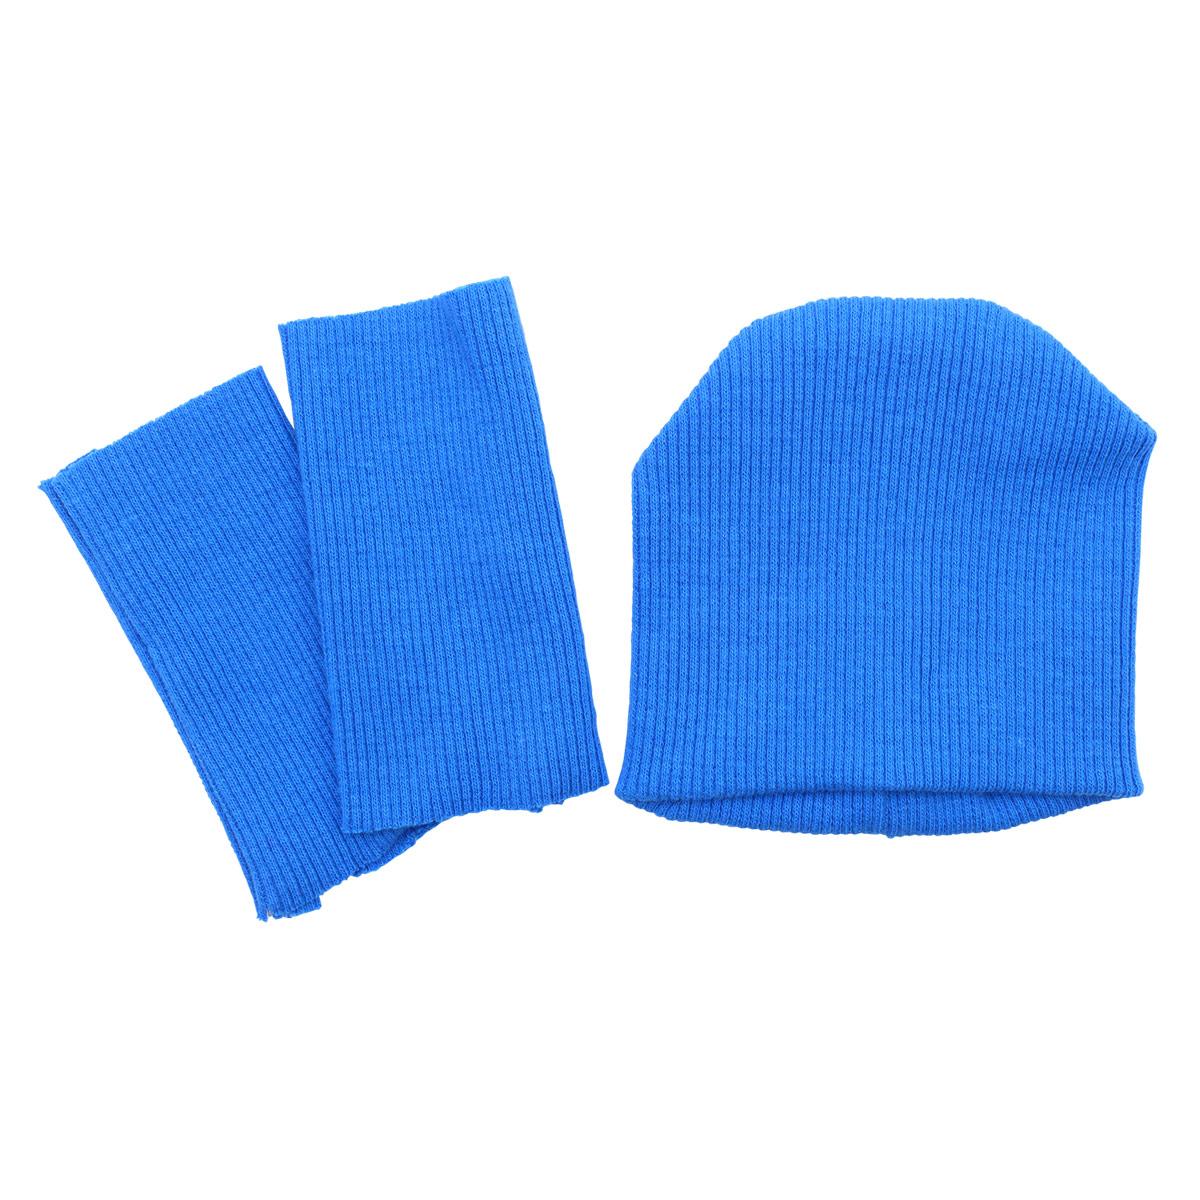 28875 Комплект одежды для игрушек цв.синий : шапка/ гетры 9,5см*10см/ 3см*8см. Состав: 95% х/б+5% лайкры